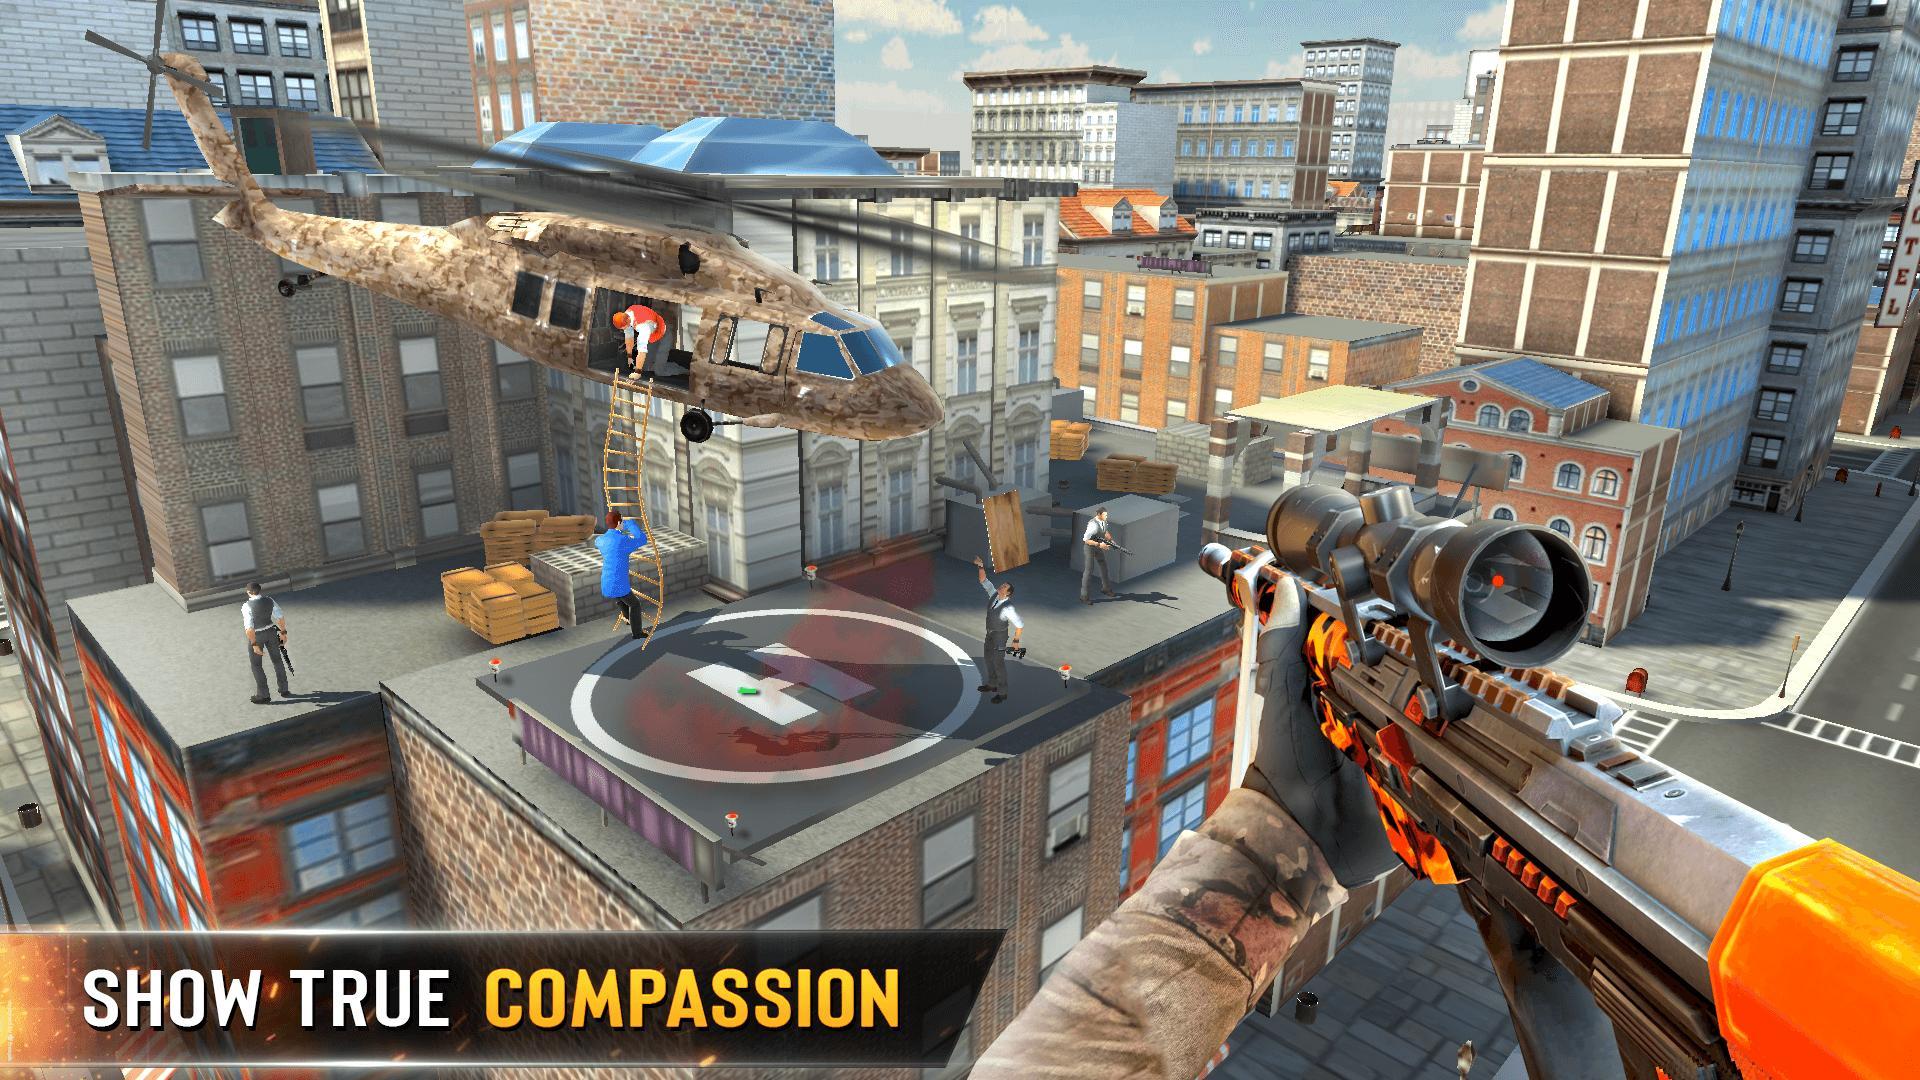 New Sniper Shooter: Free offline 3D shooting games 1.78 Screenshot 10